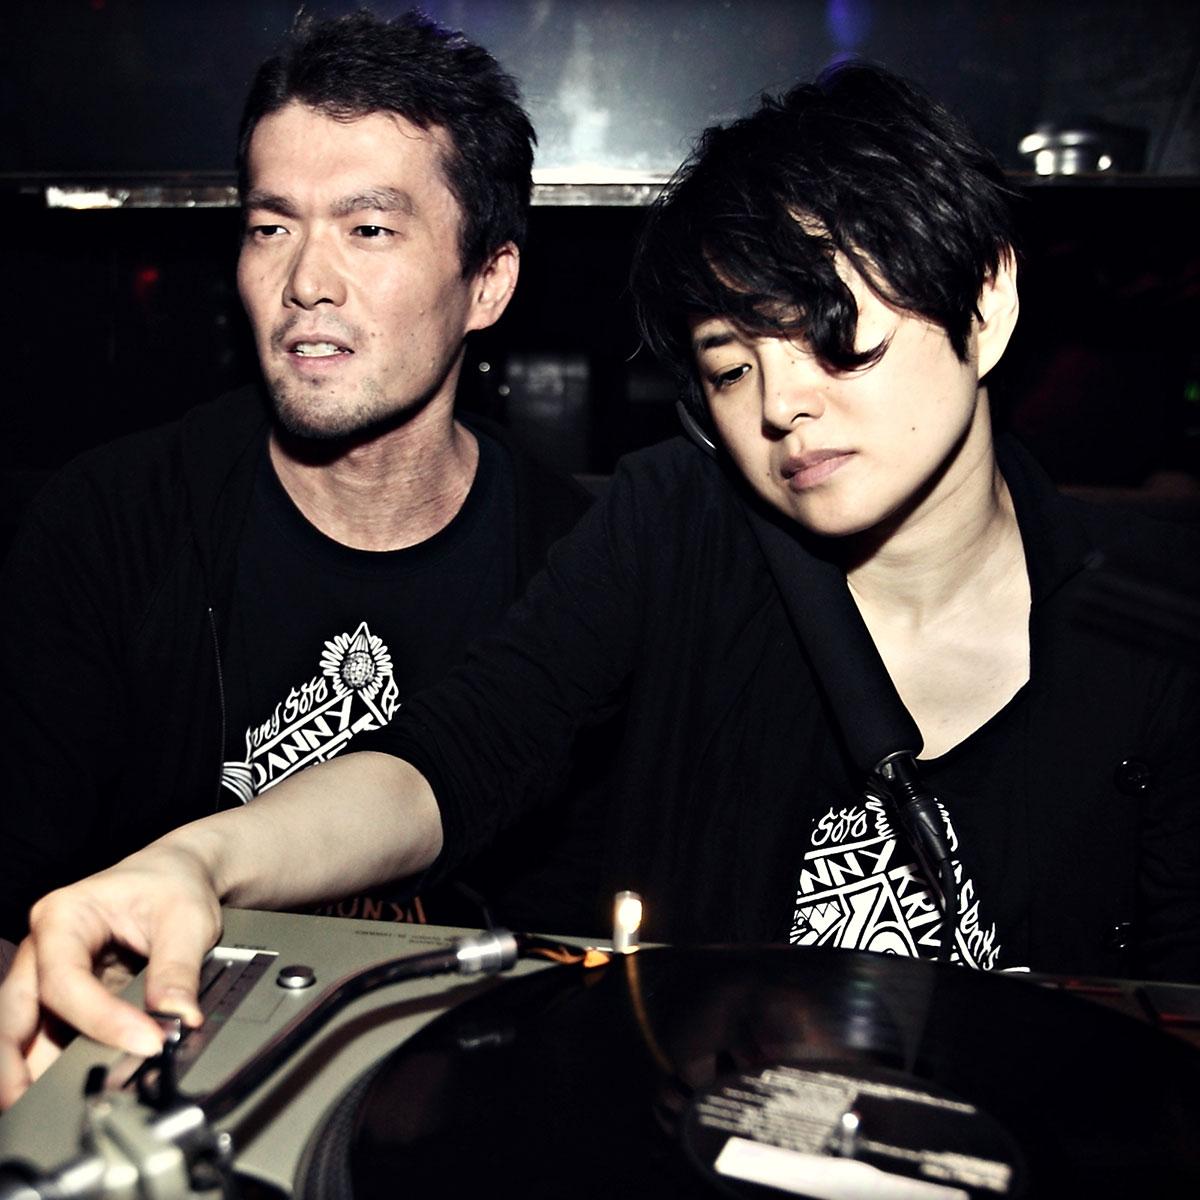 ジャイルス・ピーターソン主宰!南仏最大の音楽フェスで今年もジャパン・プロジェクト開催 music160527_gp_1